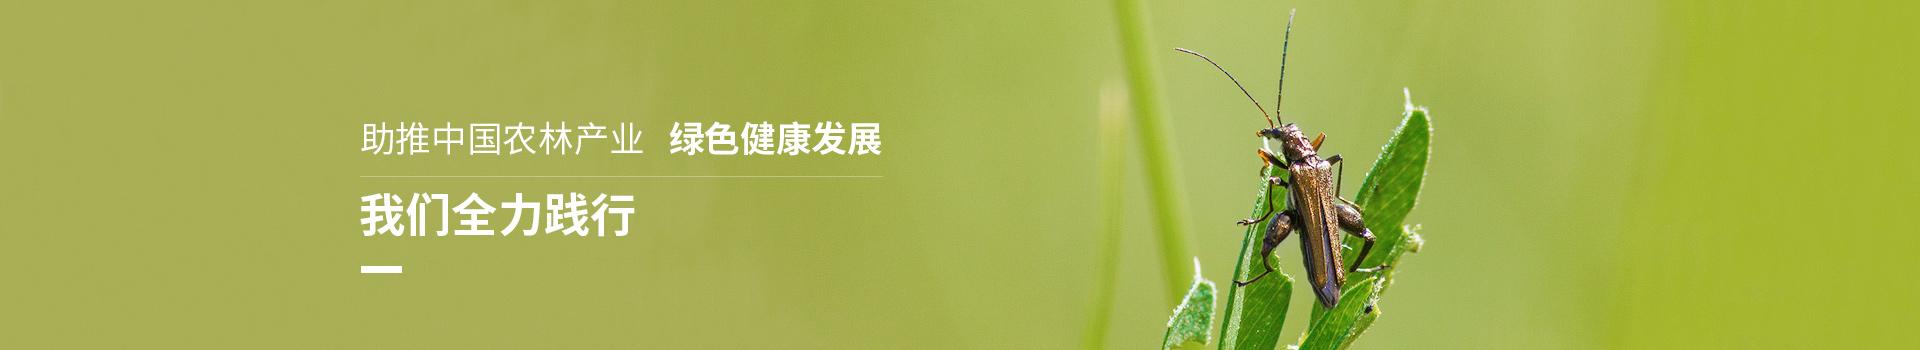 泽农生物助推中国农林产业、绿色健康发展